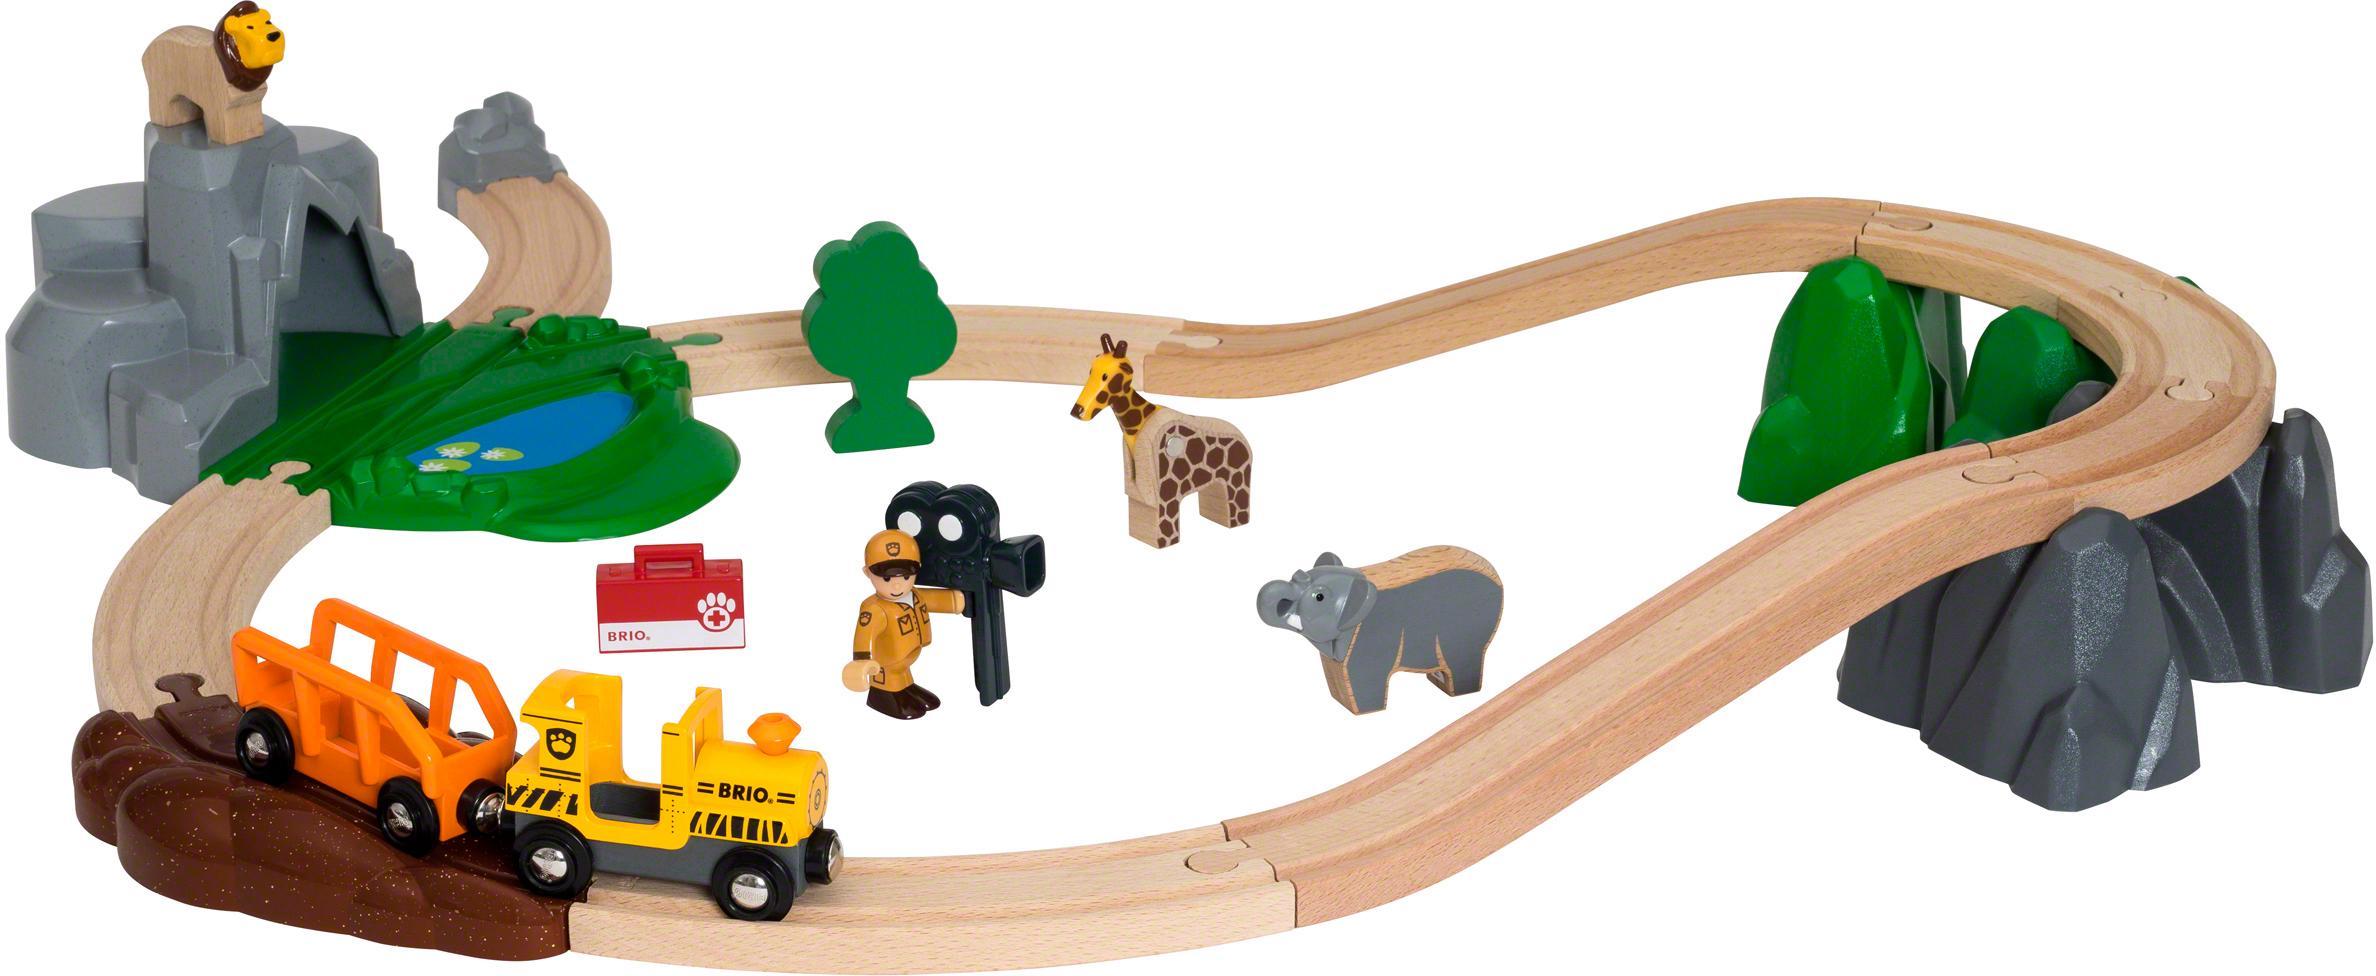 """BRIO Spielzeug-Eisenbahn """"BRIO WORLD Safari Bahn Set"""" Technik & Freizeit/Spielzeug/Autos, Eisenbahn & Modellbau/Kindereisenbahnen"""